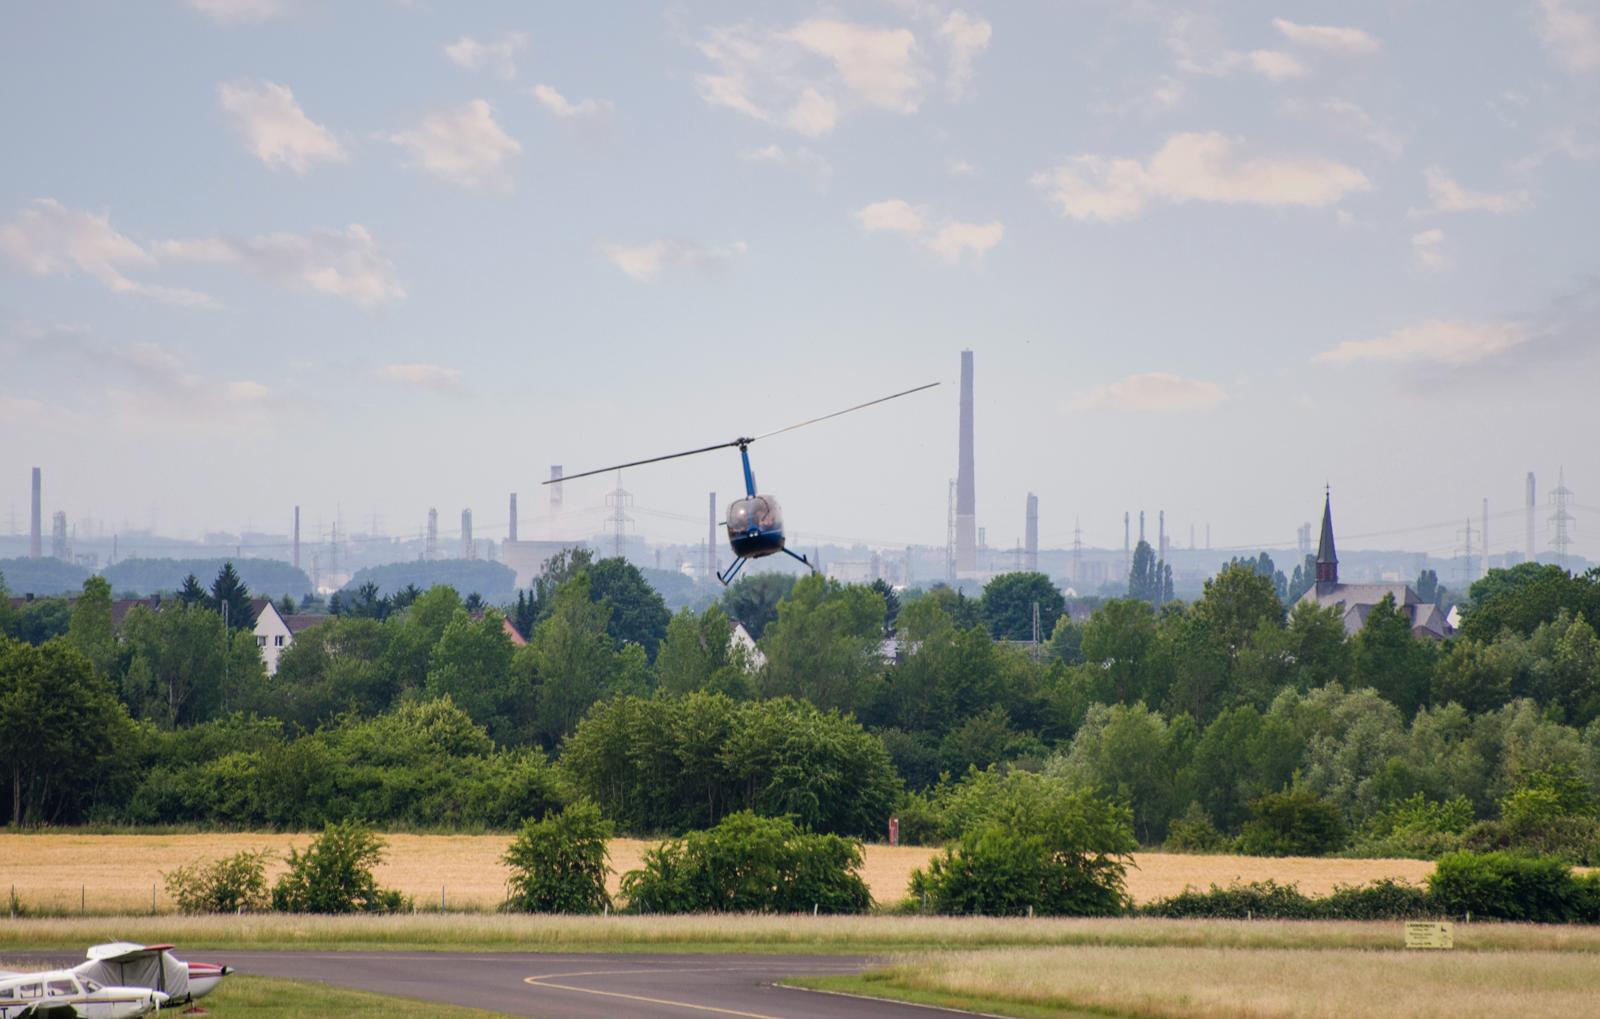 romantik-hubschrauber-rundflug-leipzig-bg5